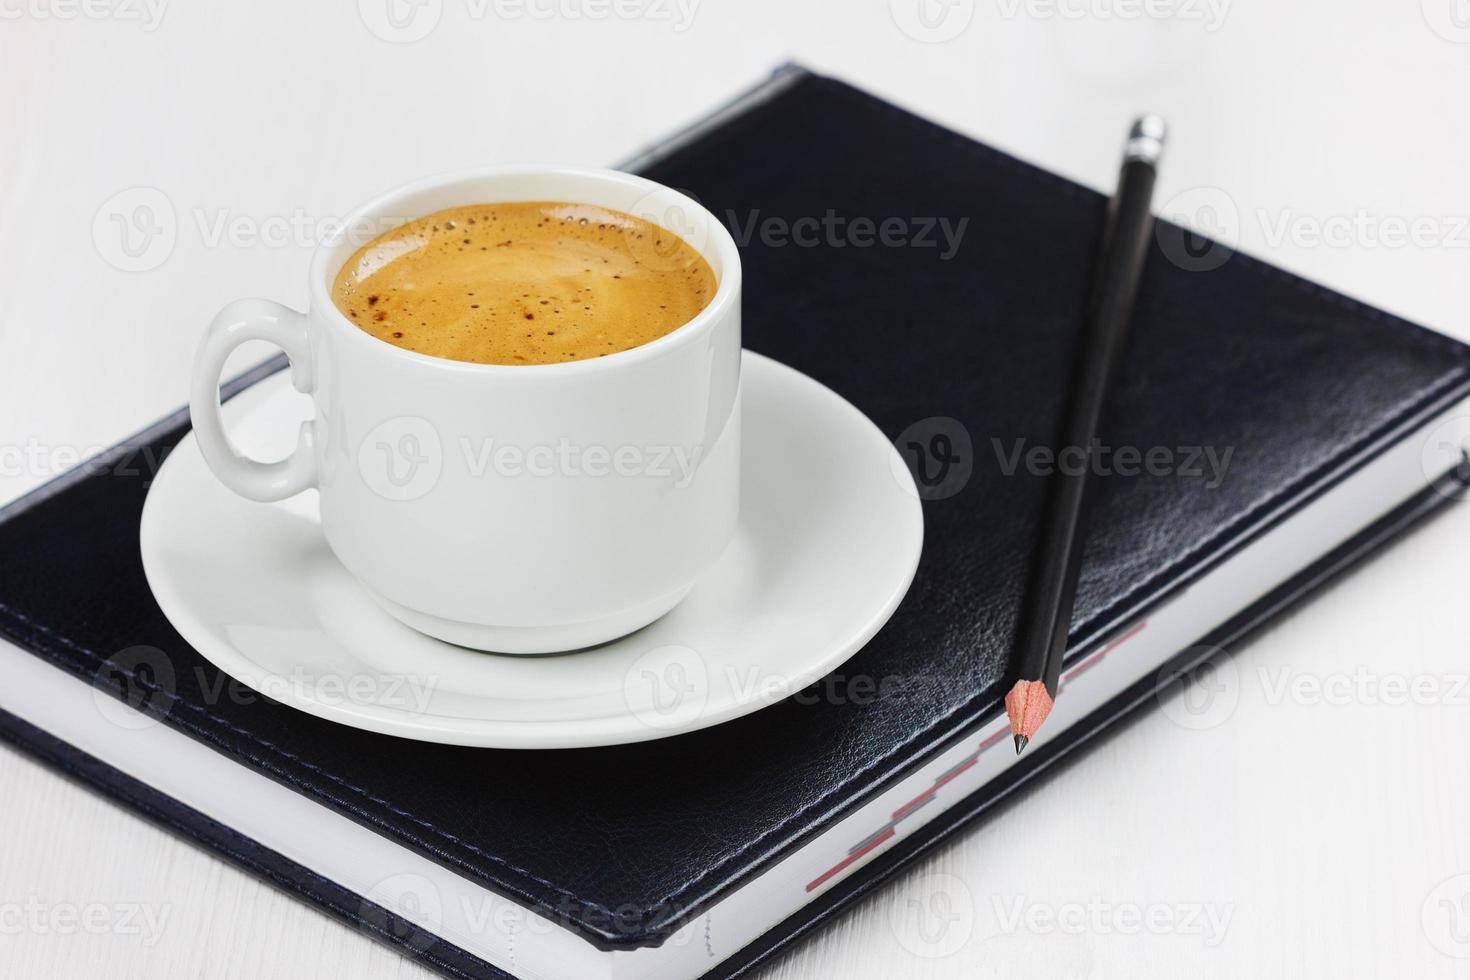 Arbeitsplatz mit Geschäftstagebuch, Bleistift und Tasse Kaffeepause foto